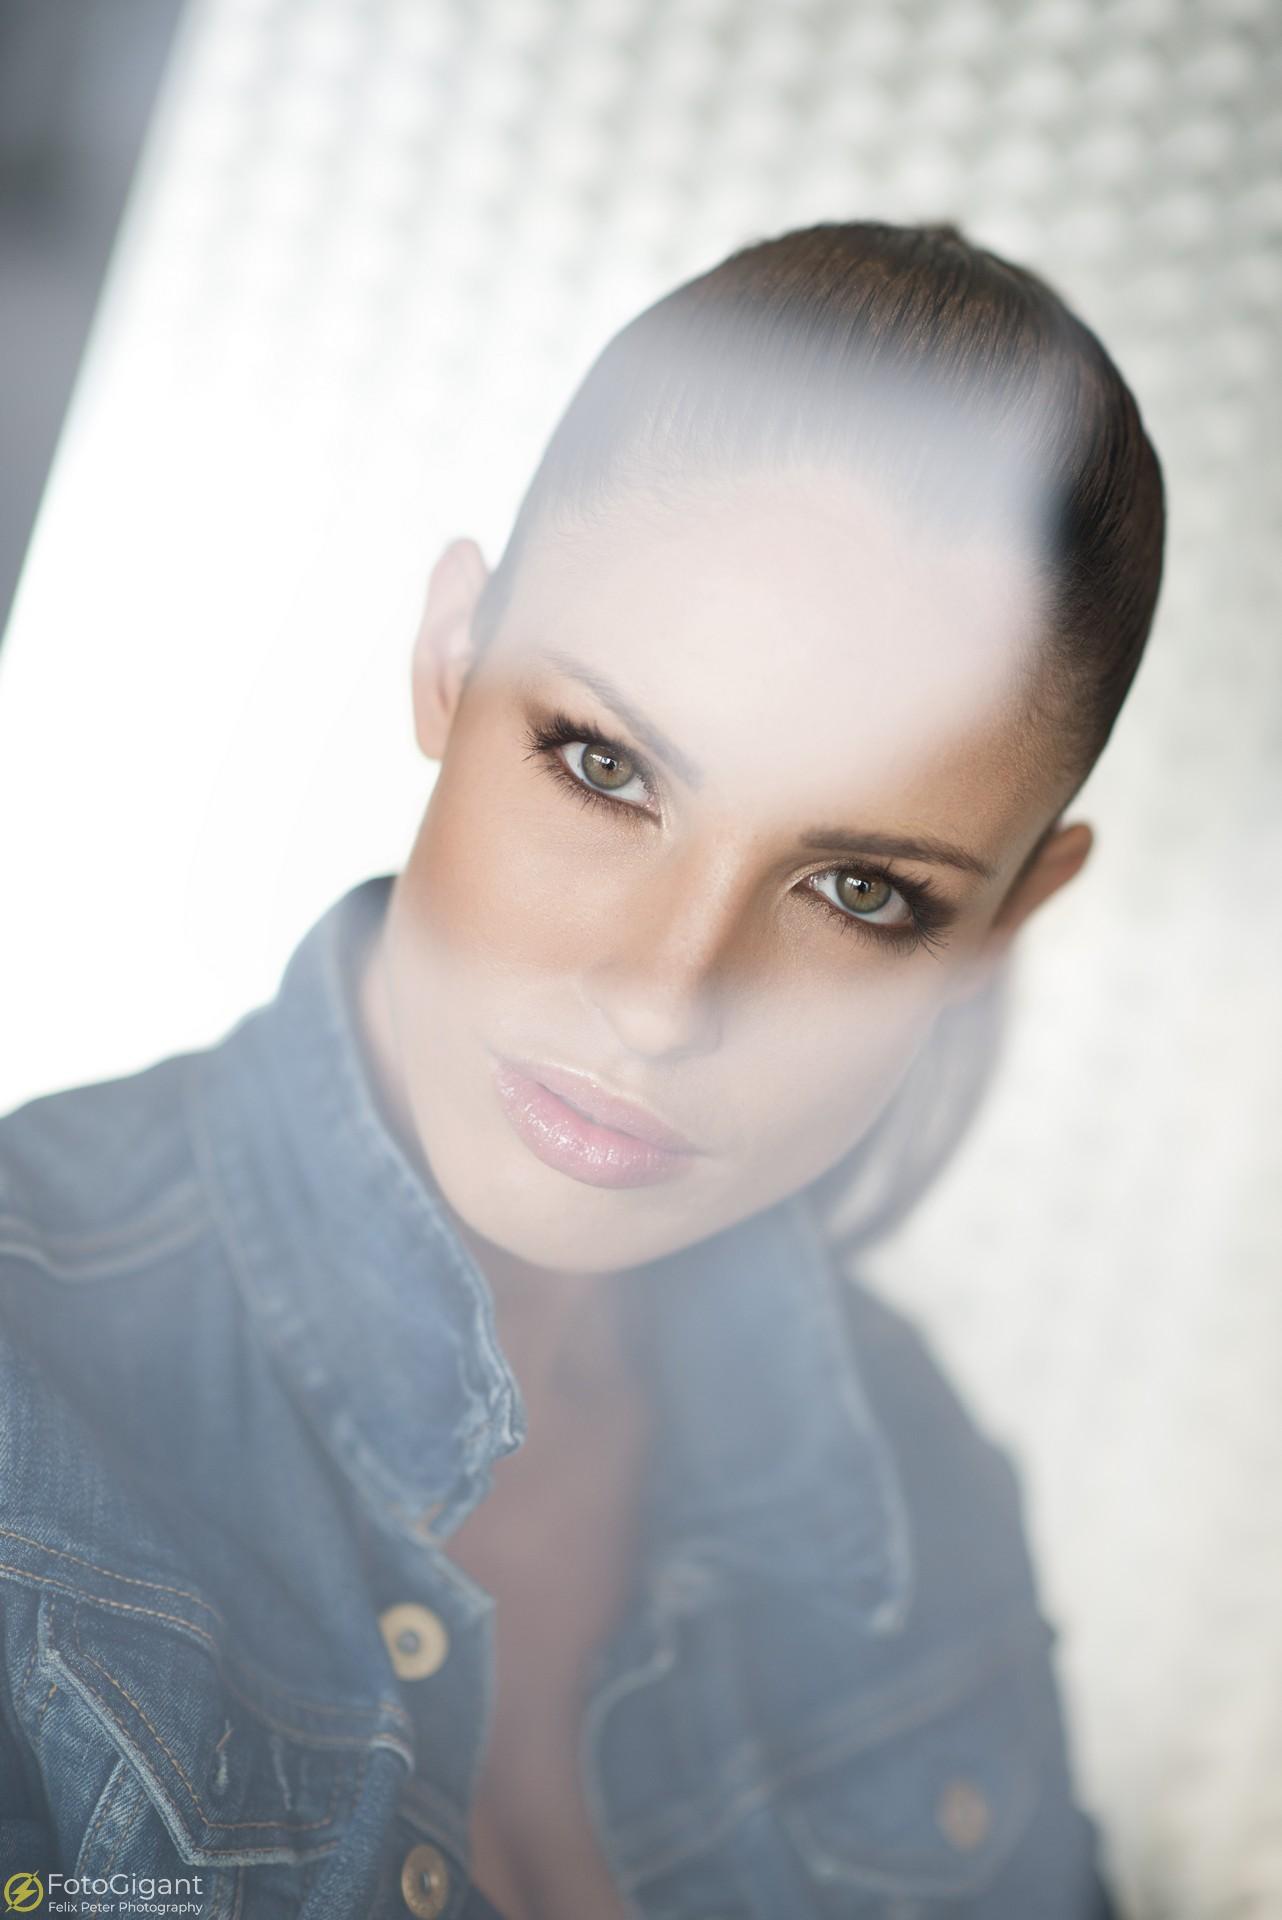 Makeup-Workshops_Bern_by_FotoGigant_03.jpg